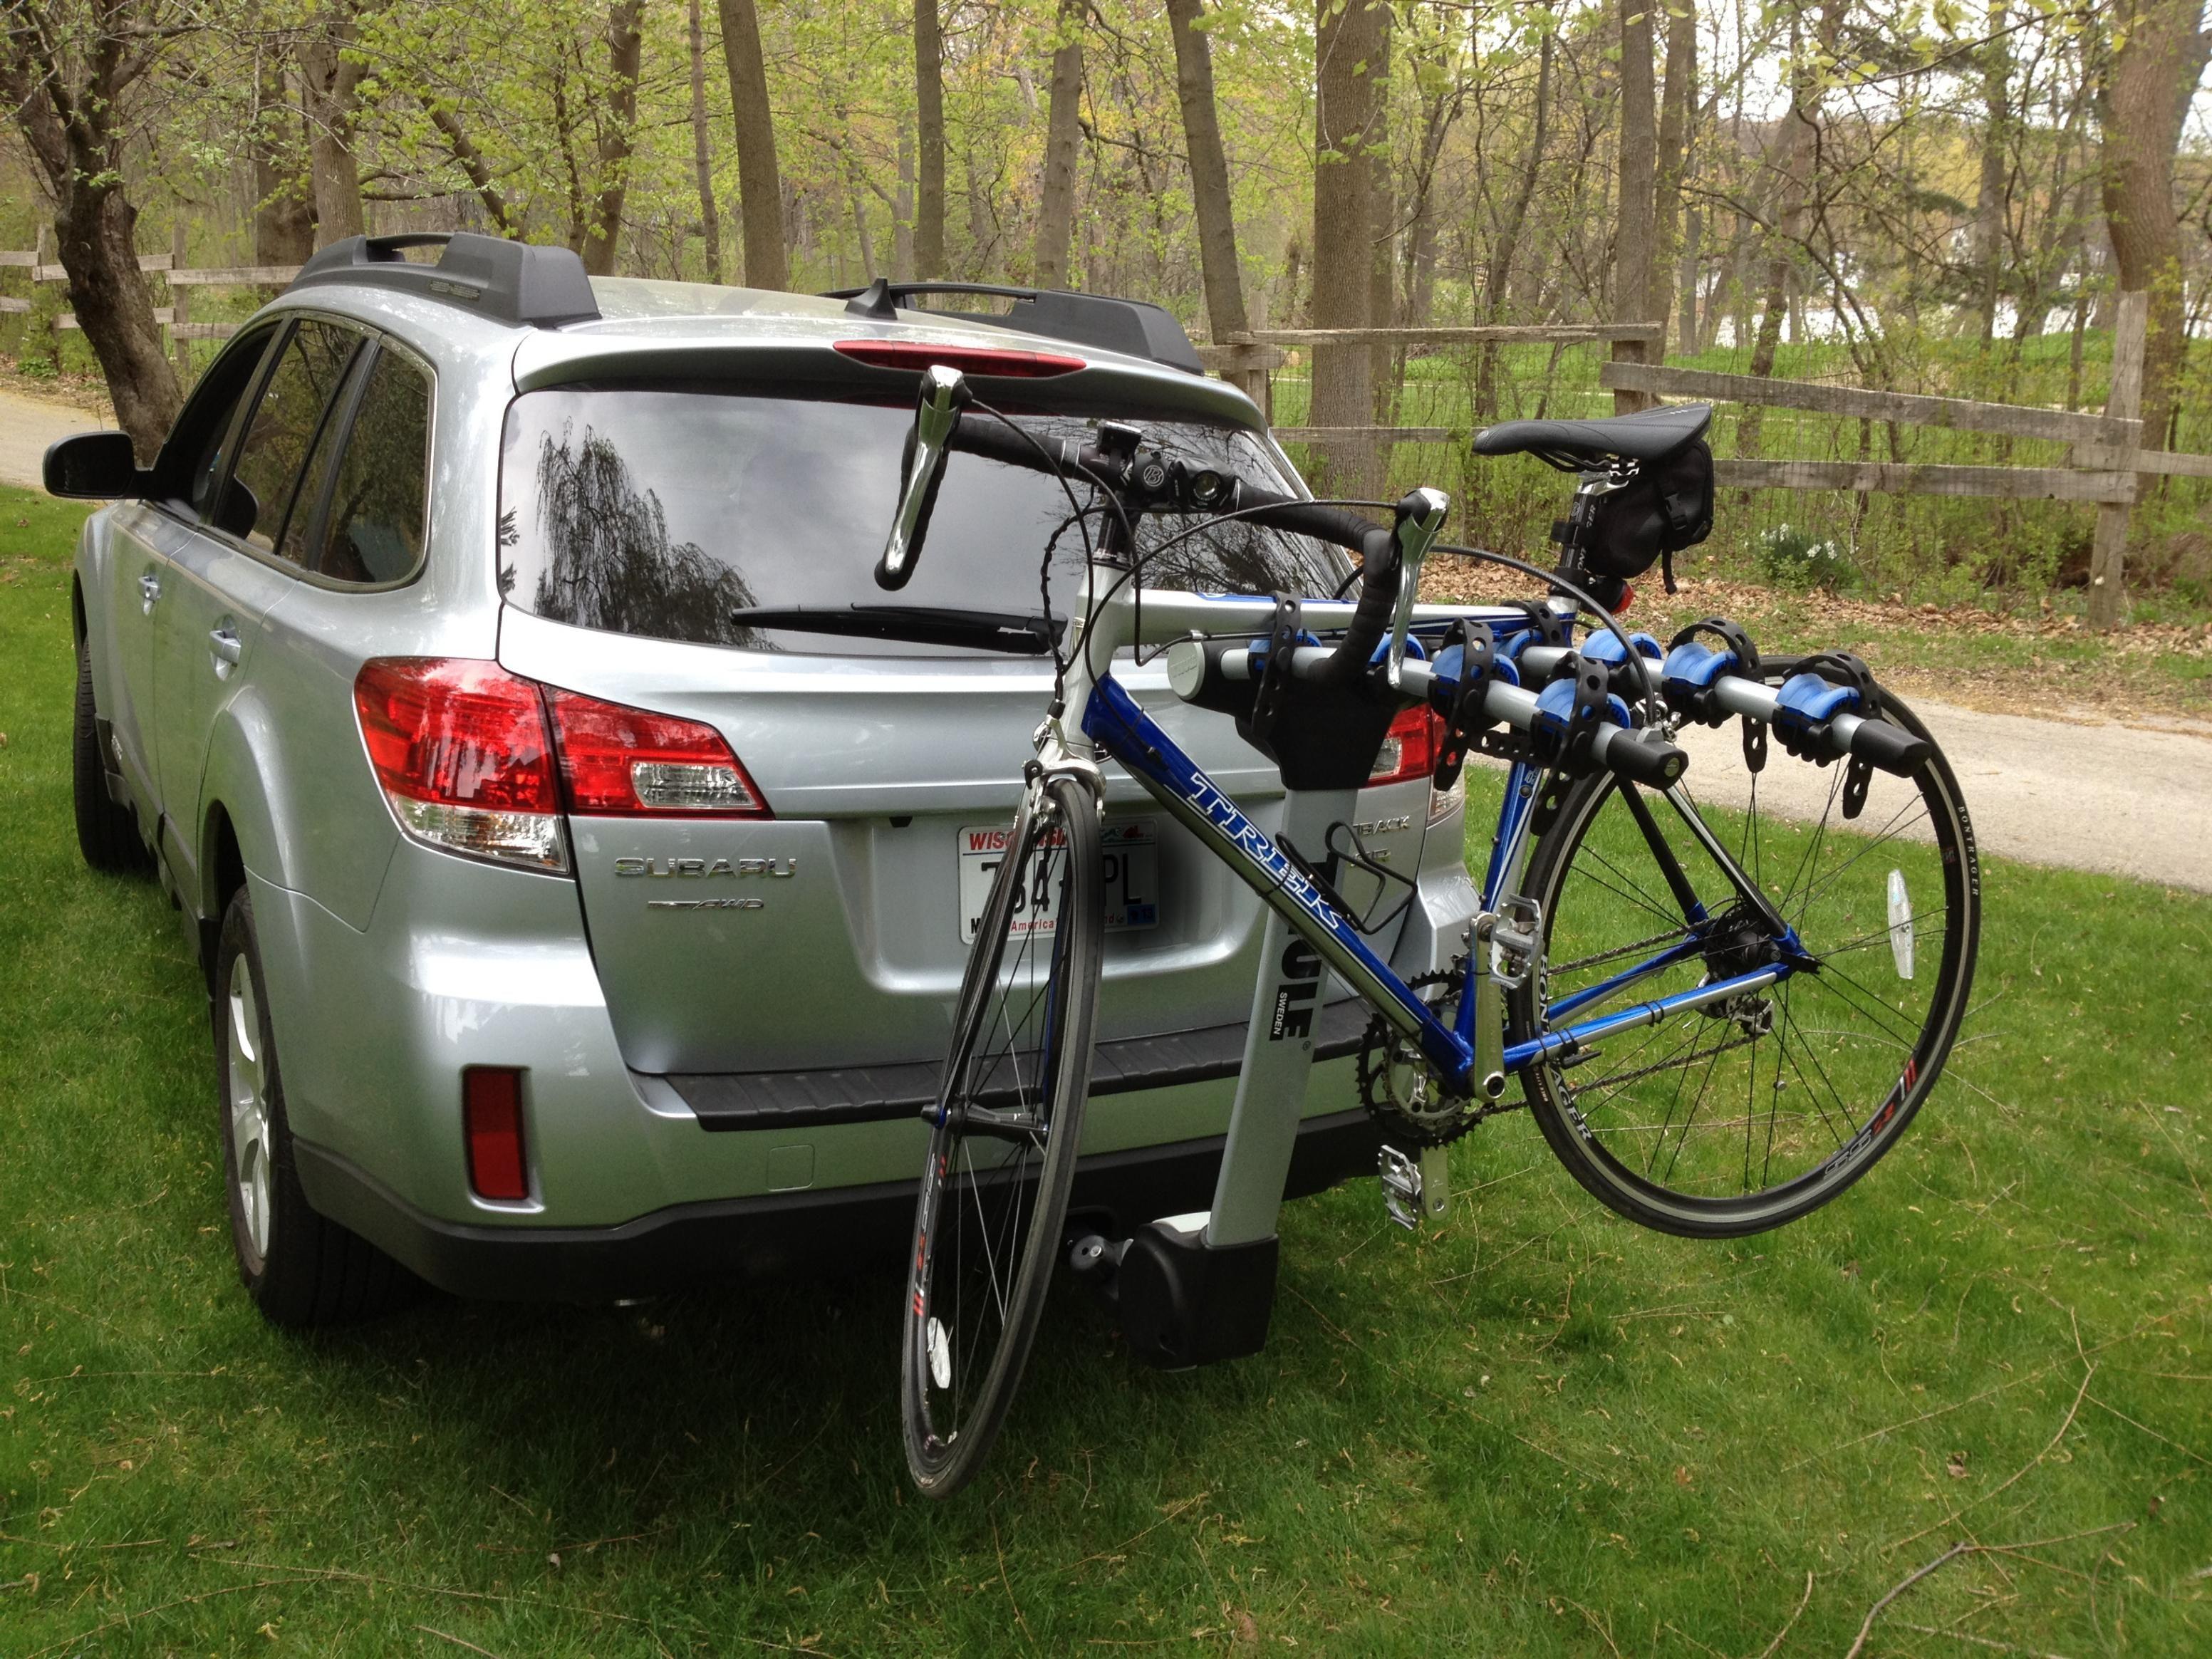 Subaru Outback Bike Rack Inspirations for Car Behind bike